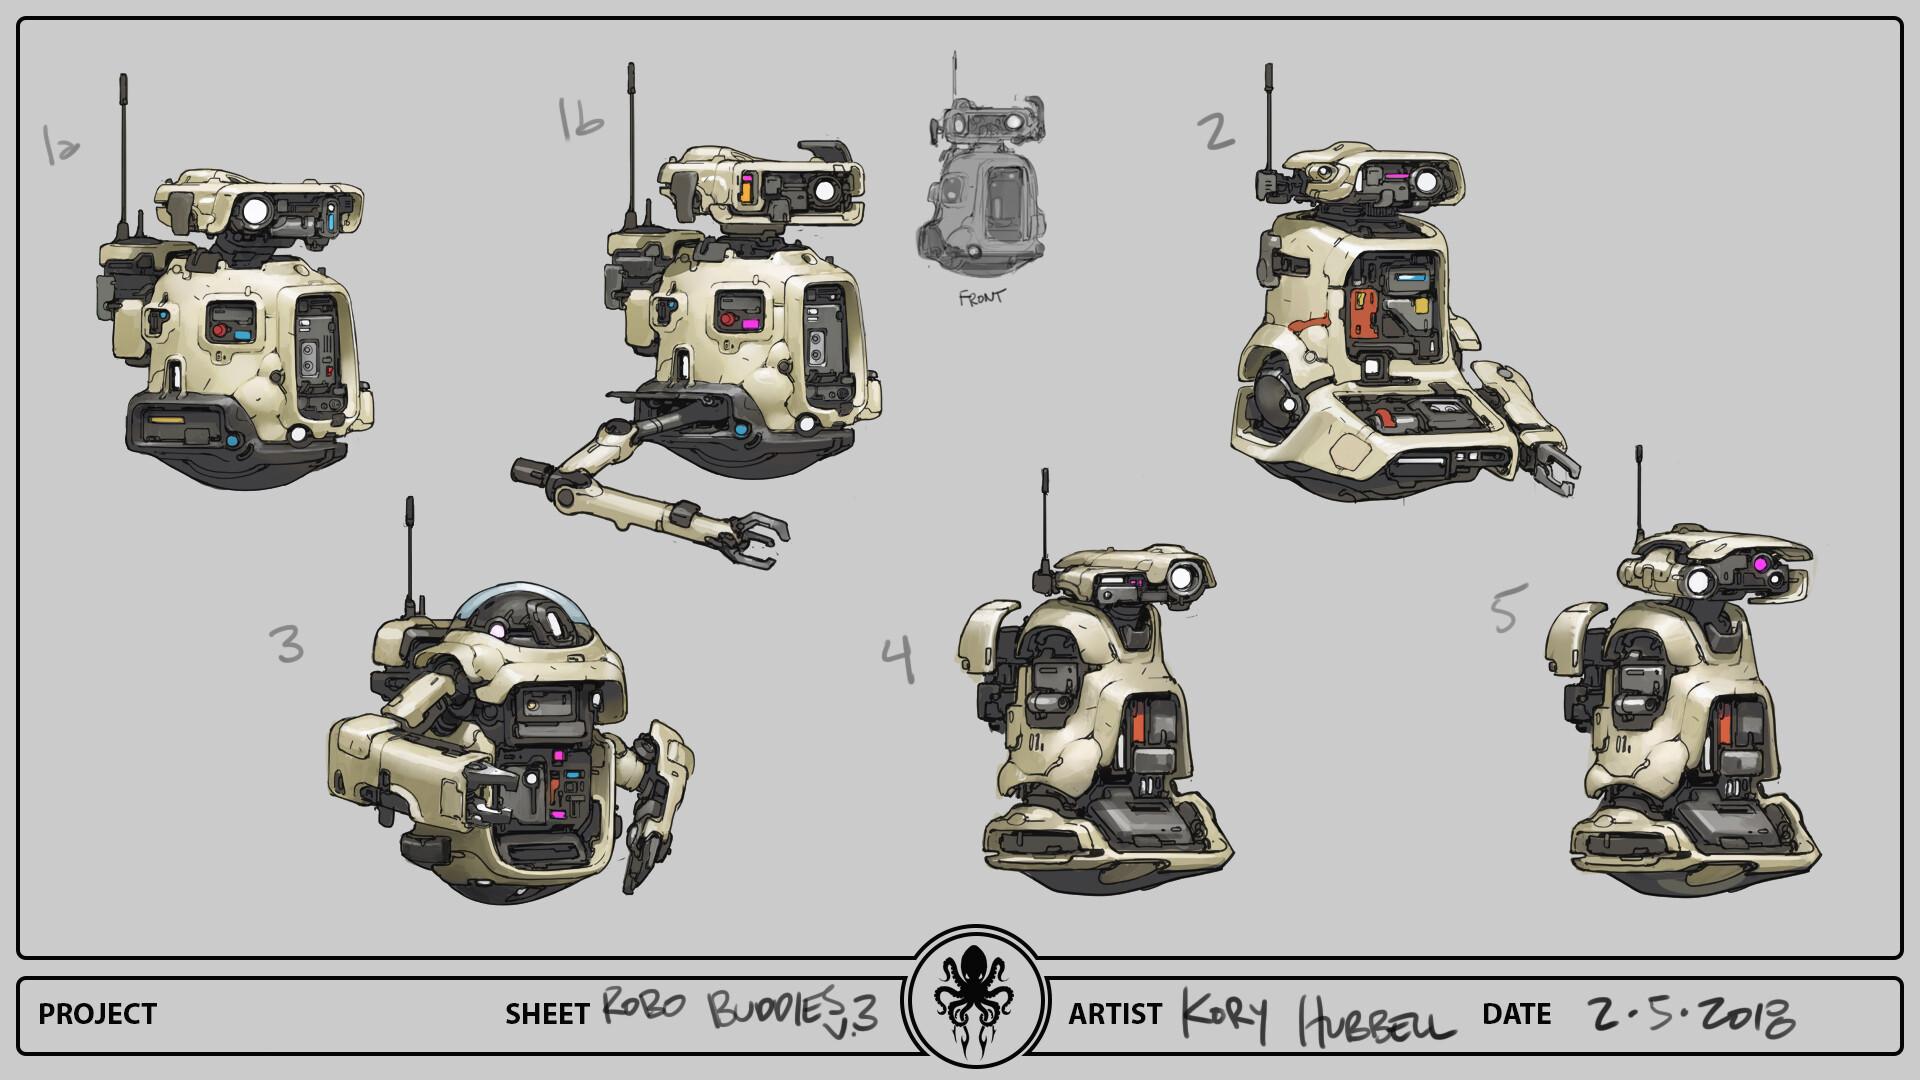 kory-lynn-hubbell-robo-buddy-sheet-3.jpg